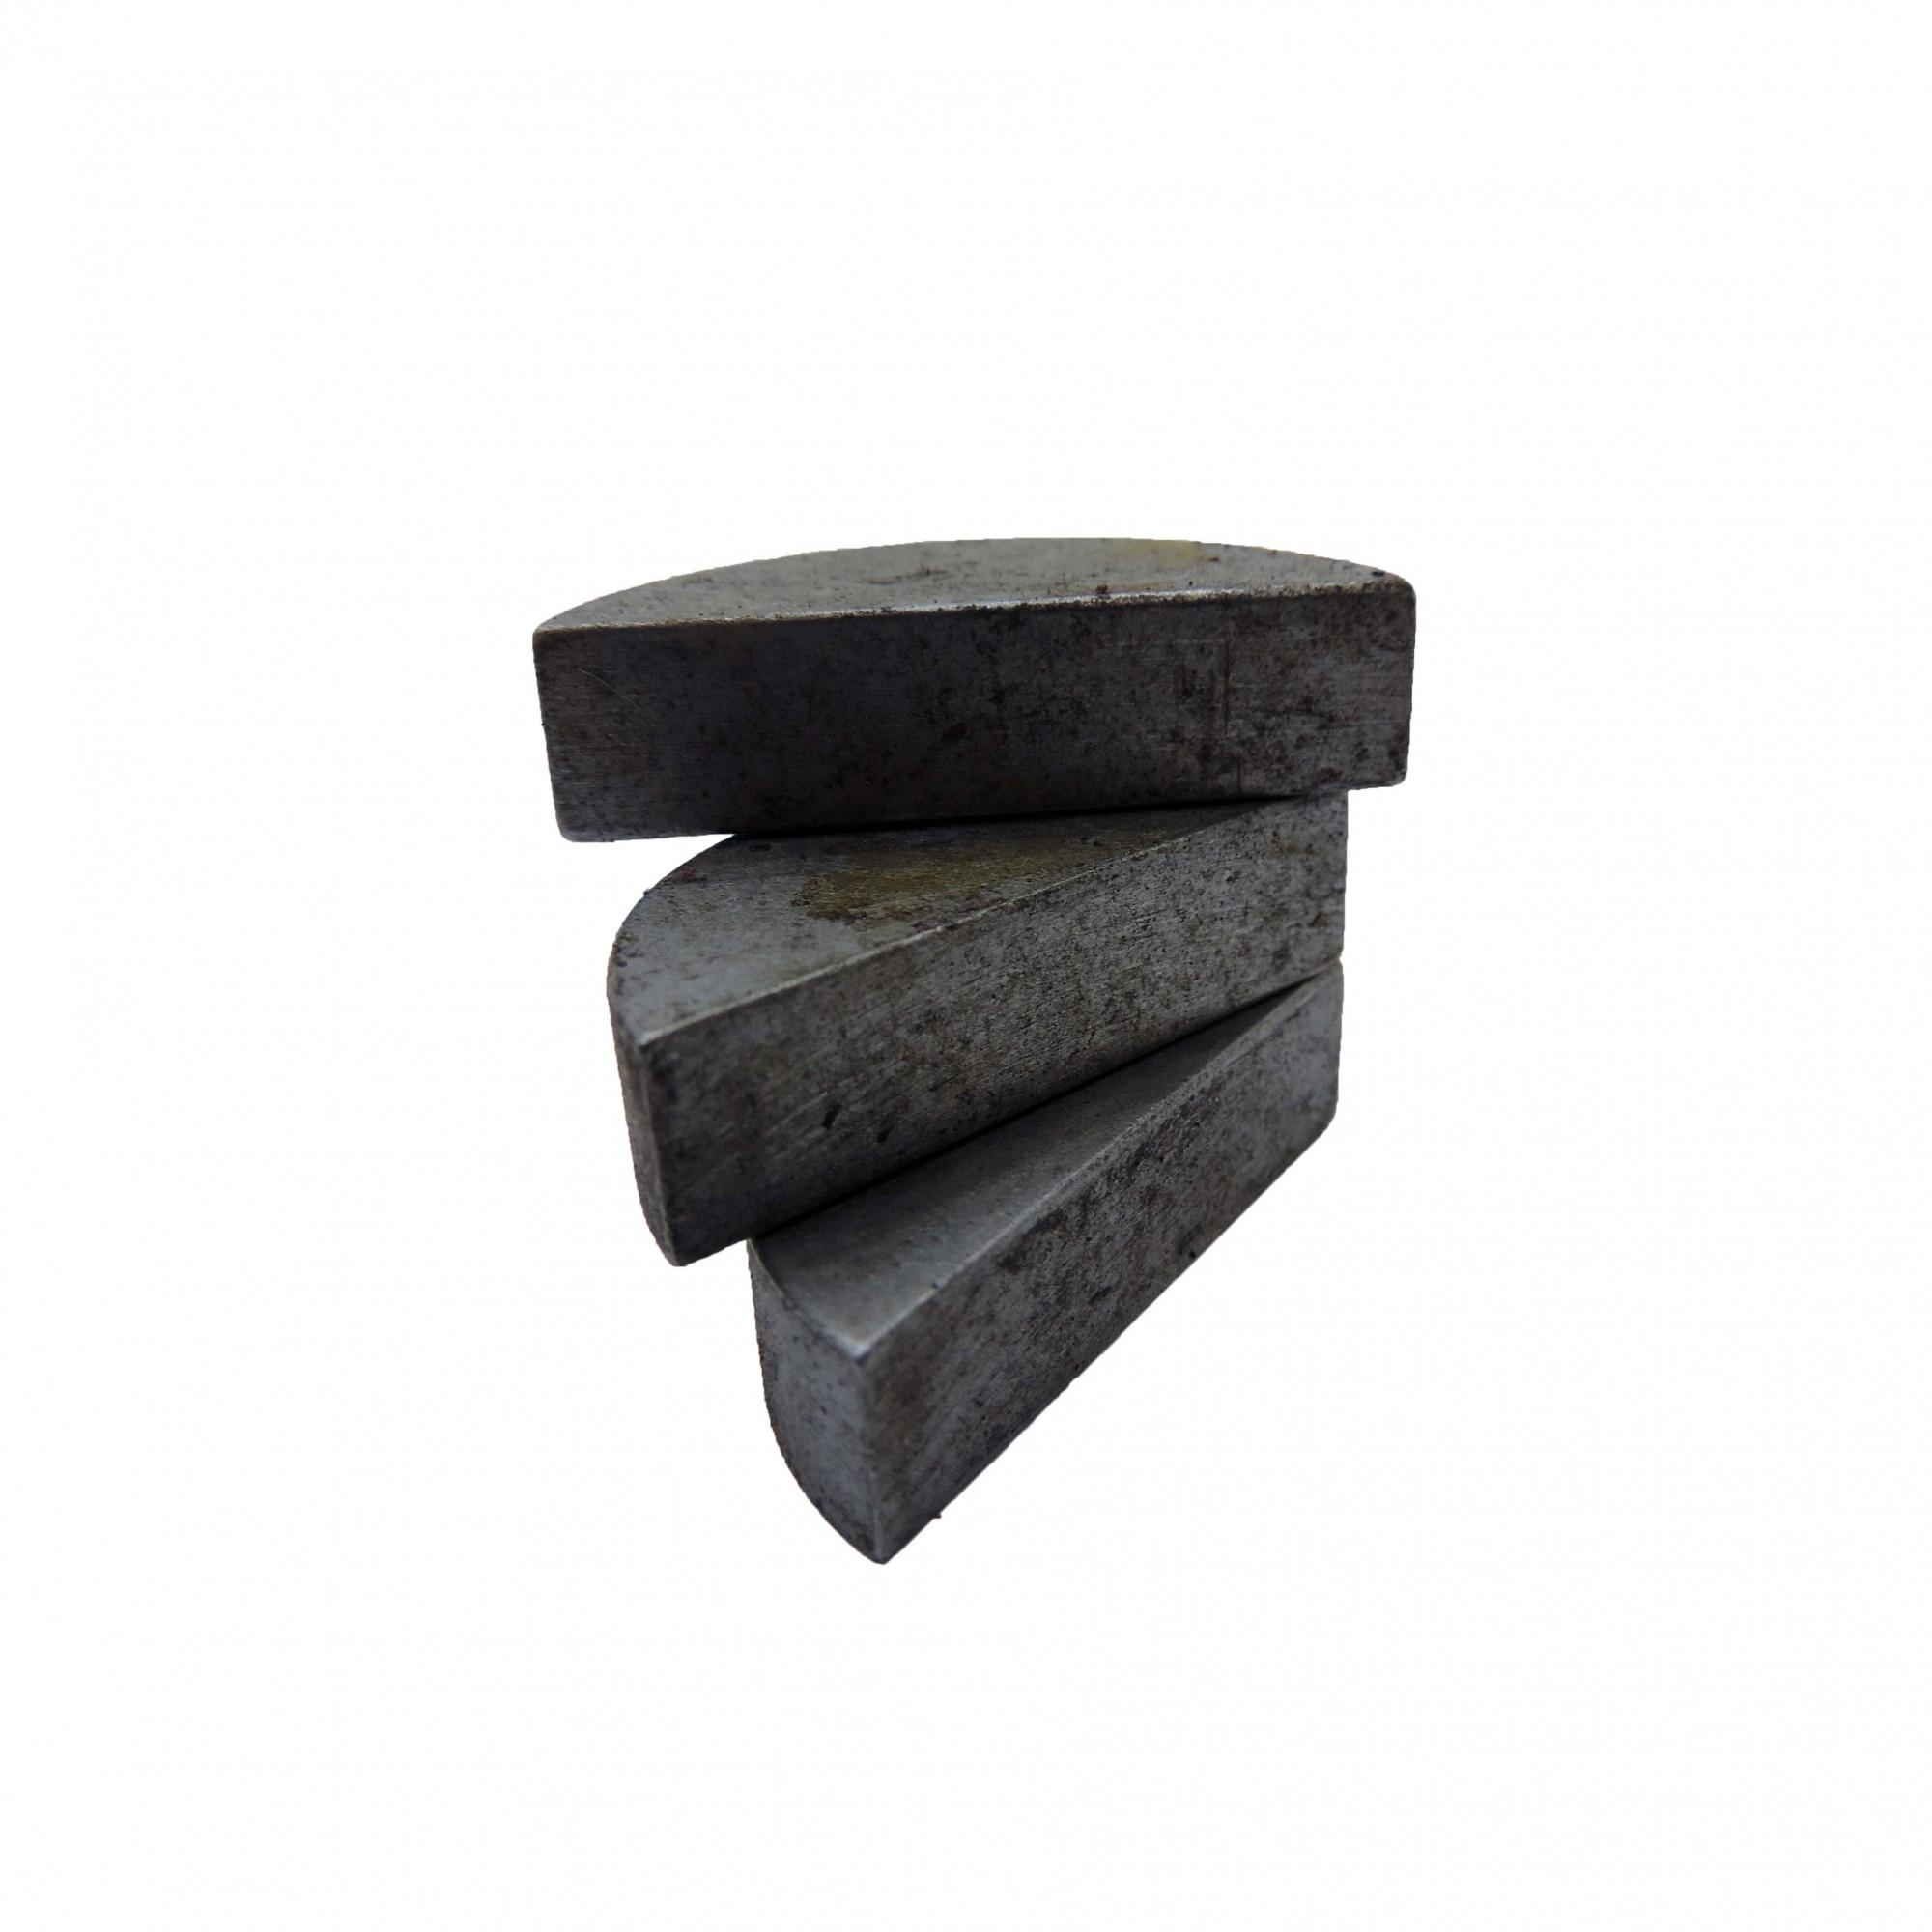 Chaveta Barra Meia Lua Em Aço 1045 Cva13 - Usada